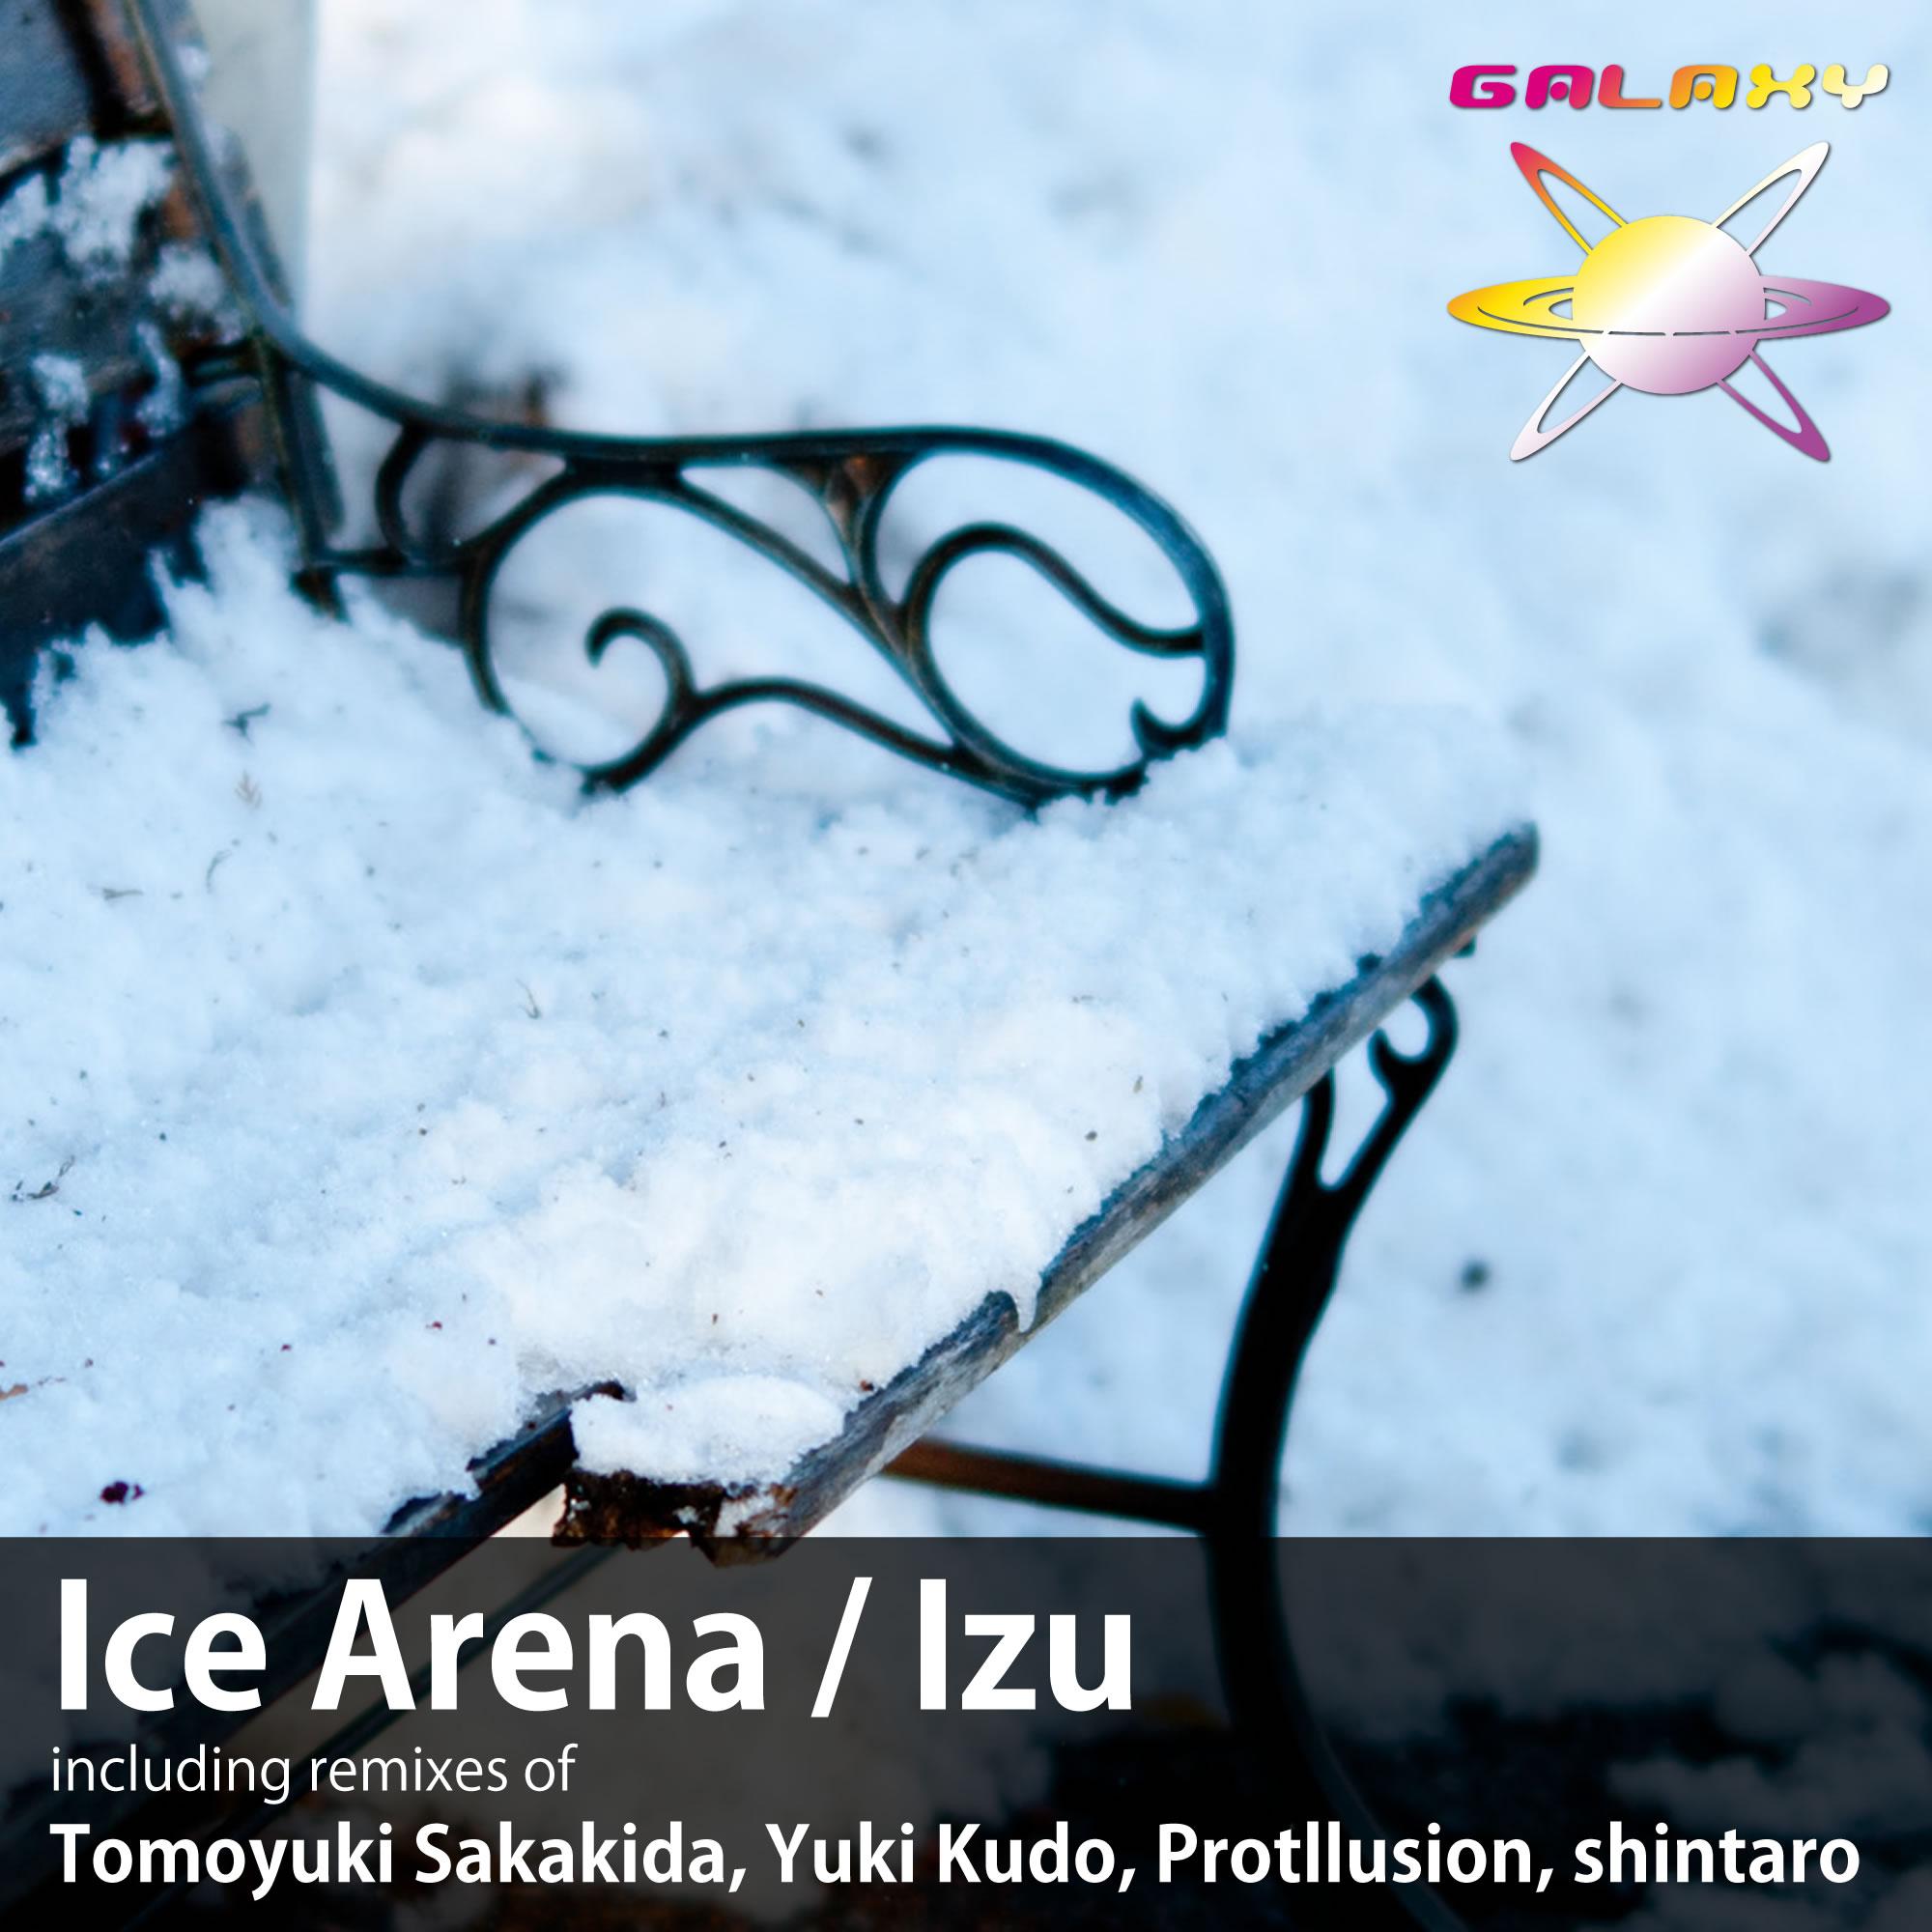 Izu / Ice Arena